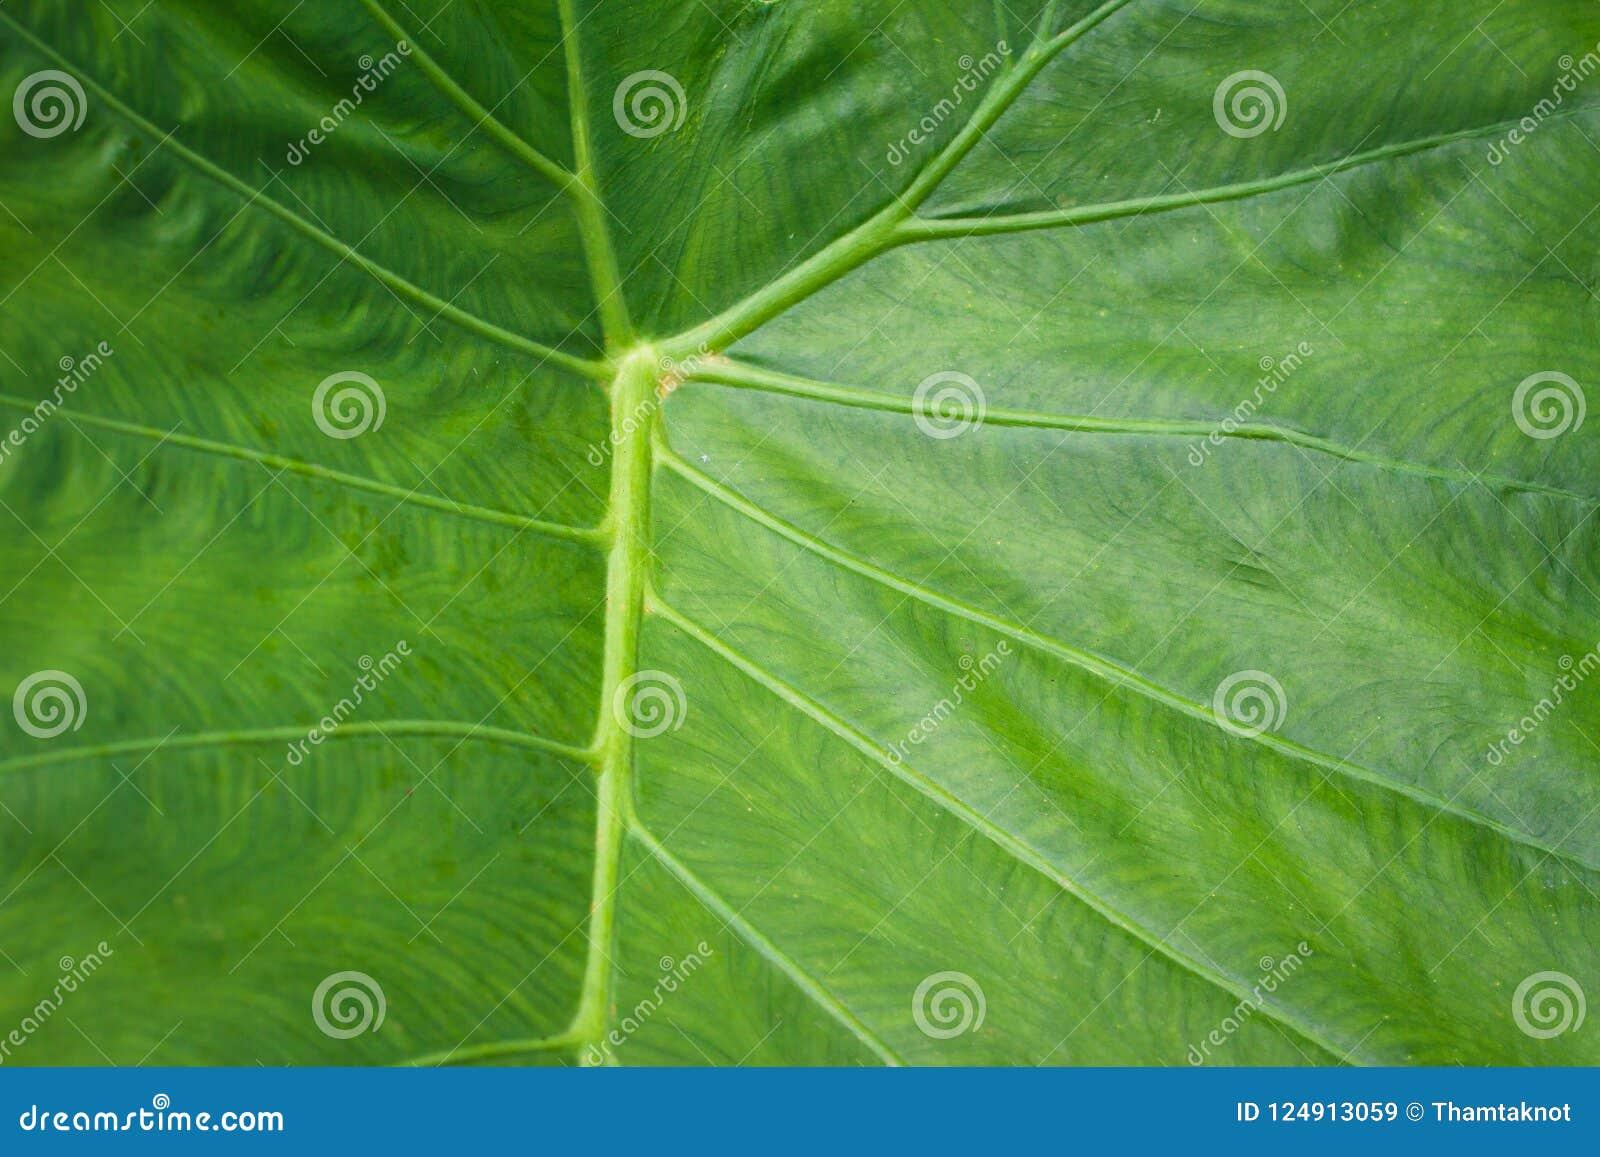 Colocasia essbares L Nährwert Schott ist, die Immunität, diuretisch, Abführmittel zu schaffen